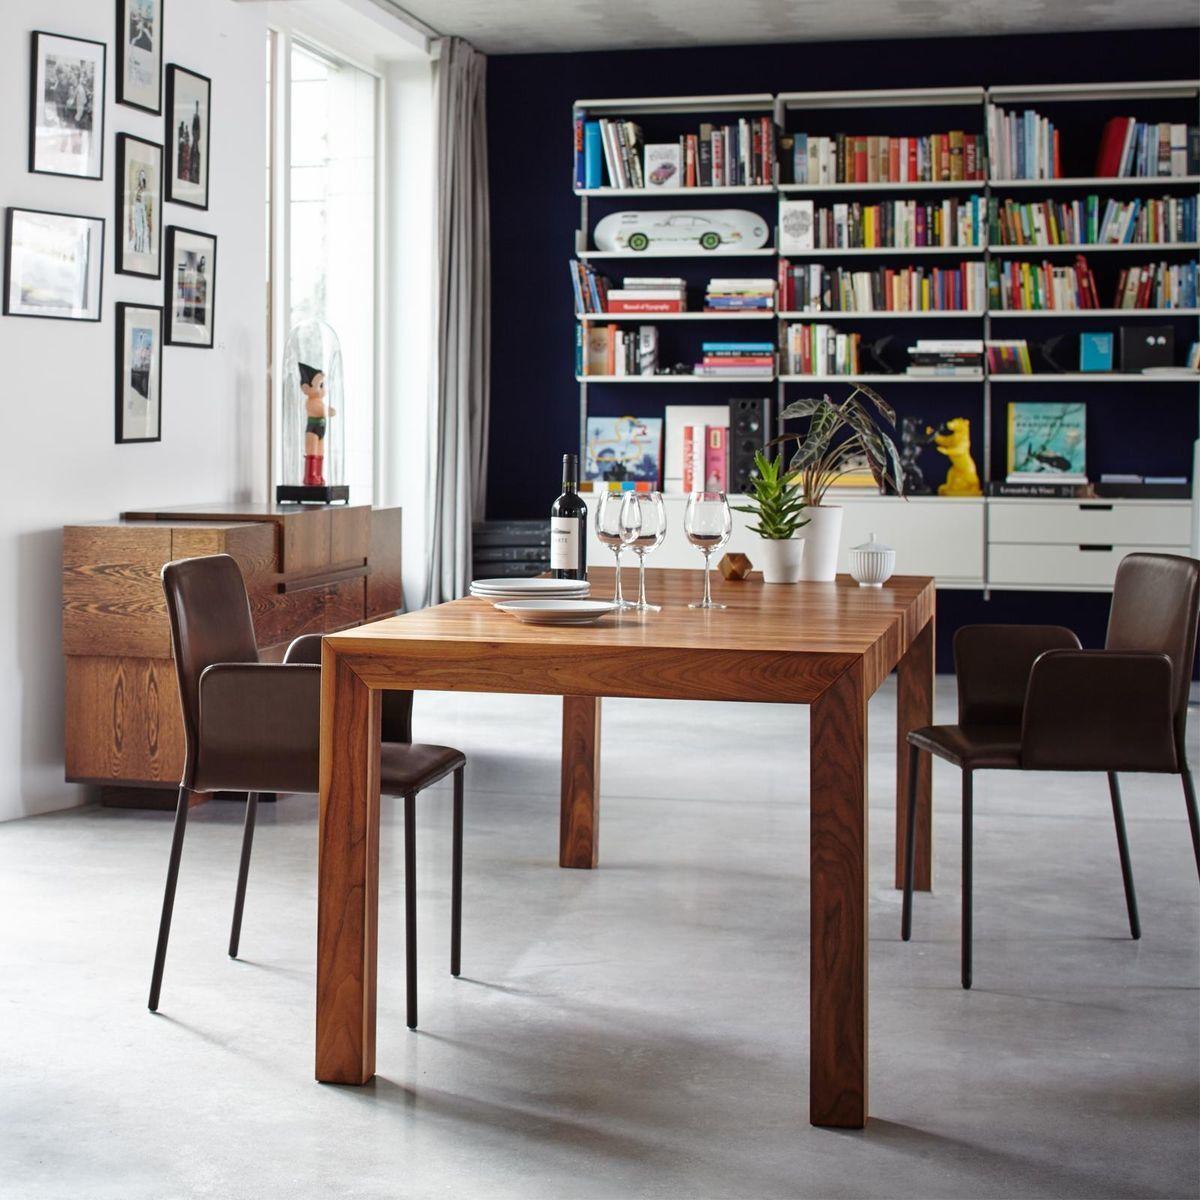 esstisch outlet m bel design idee f r sie. Black Bedroom Furniture Sets. Home Design Ideas